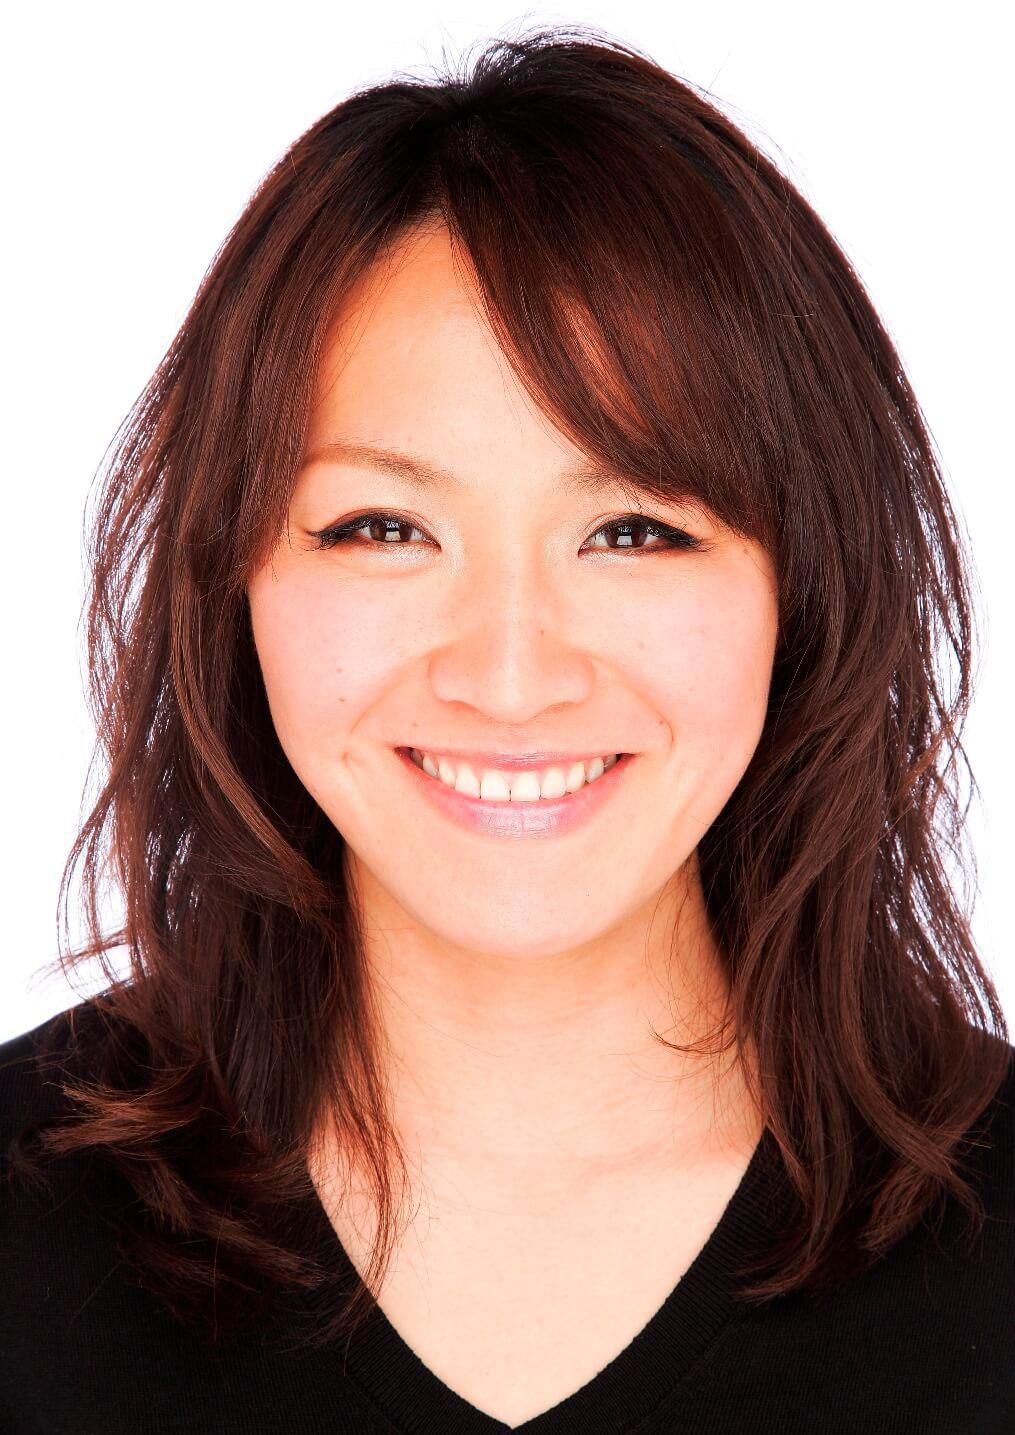 澤穂希さん、丸山桂里奈のタレント転身に大先輩たちから「どうなってるんだ」サムネイル画像